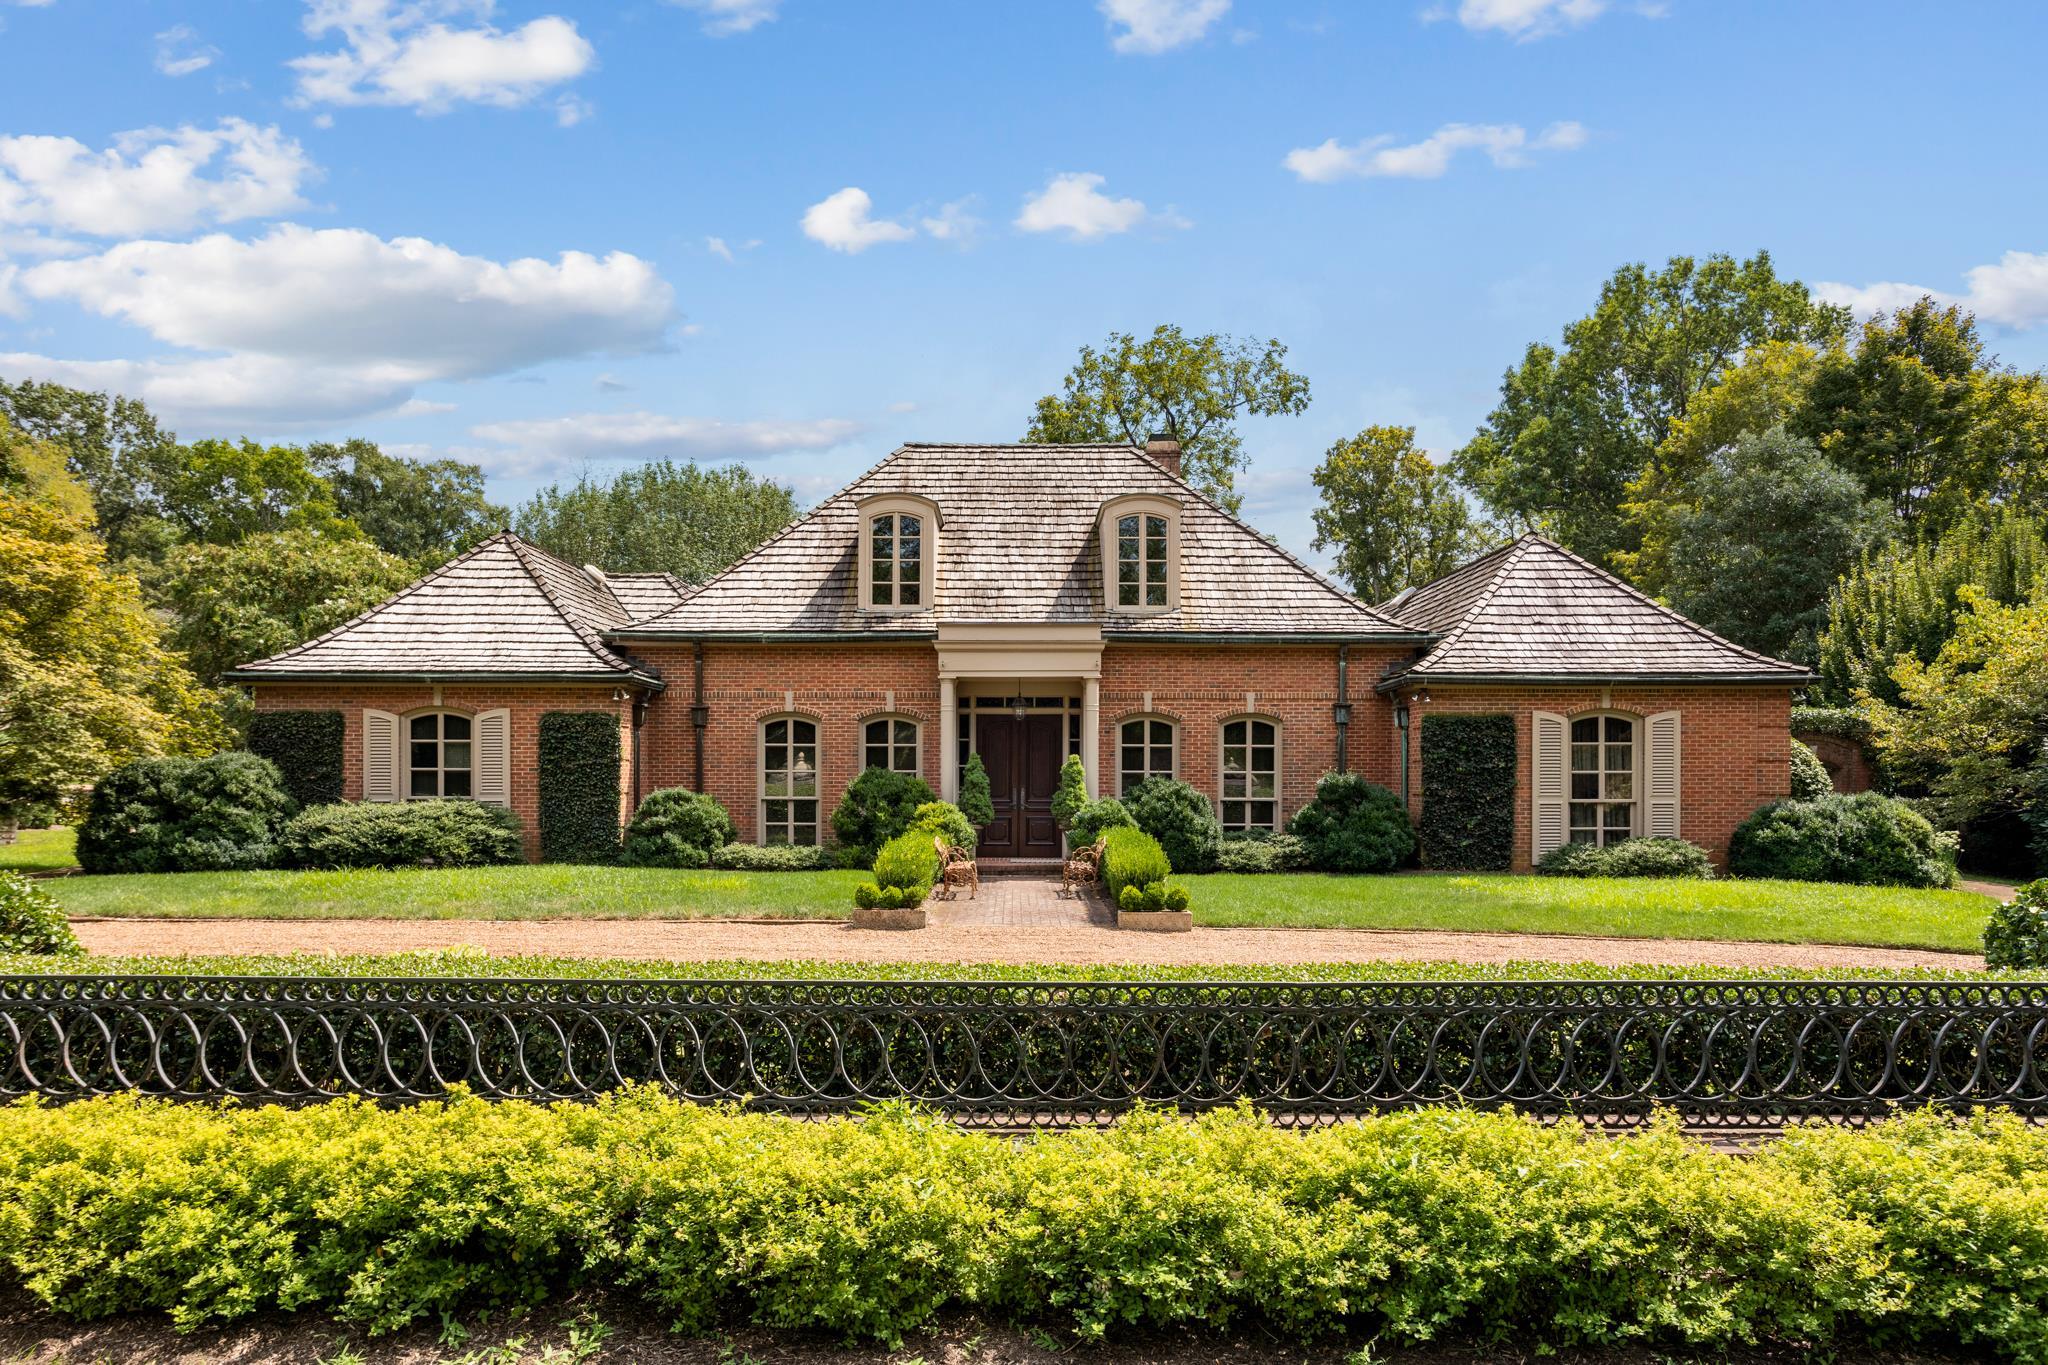 $3,500,000 - 4Br/7Ba -  for Sale in Belle Meade, Nashville